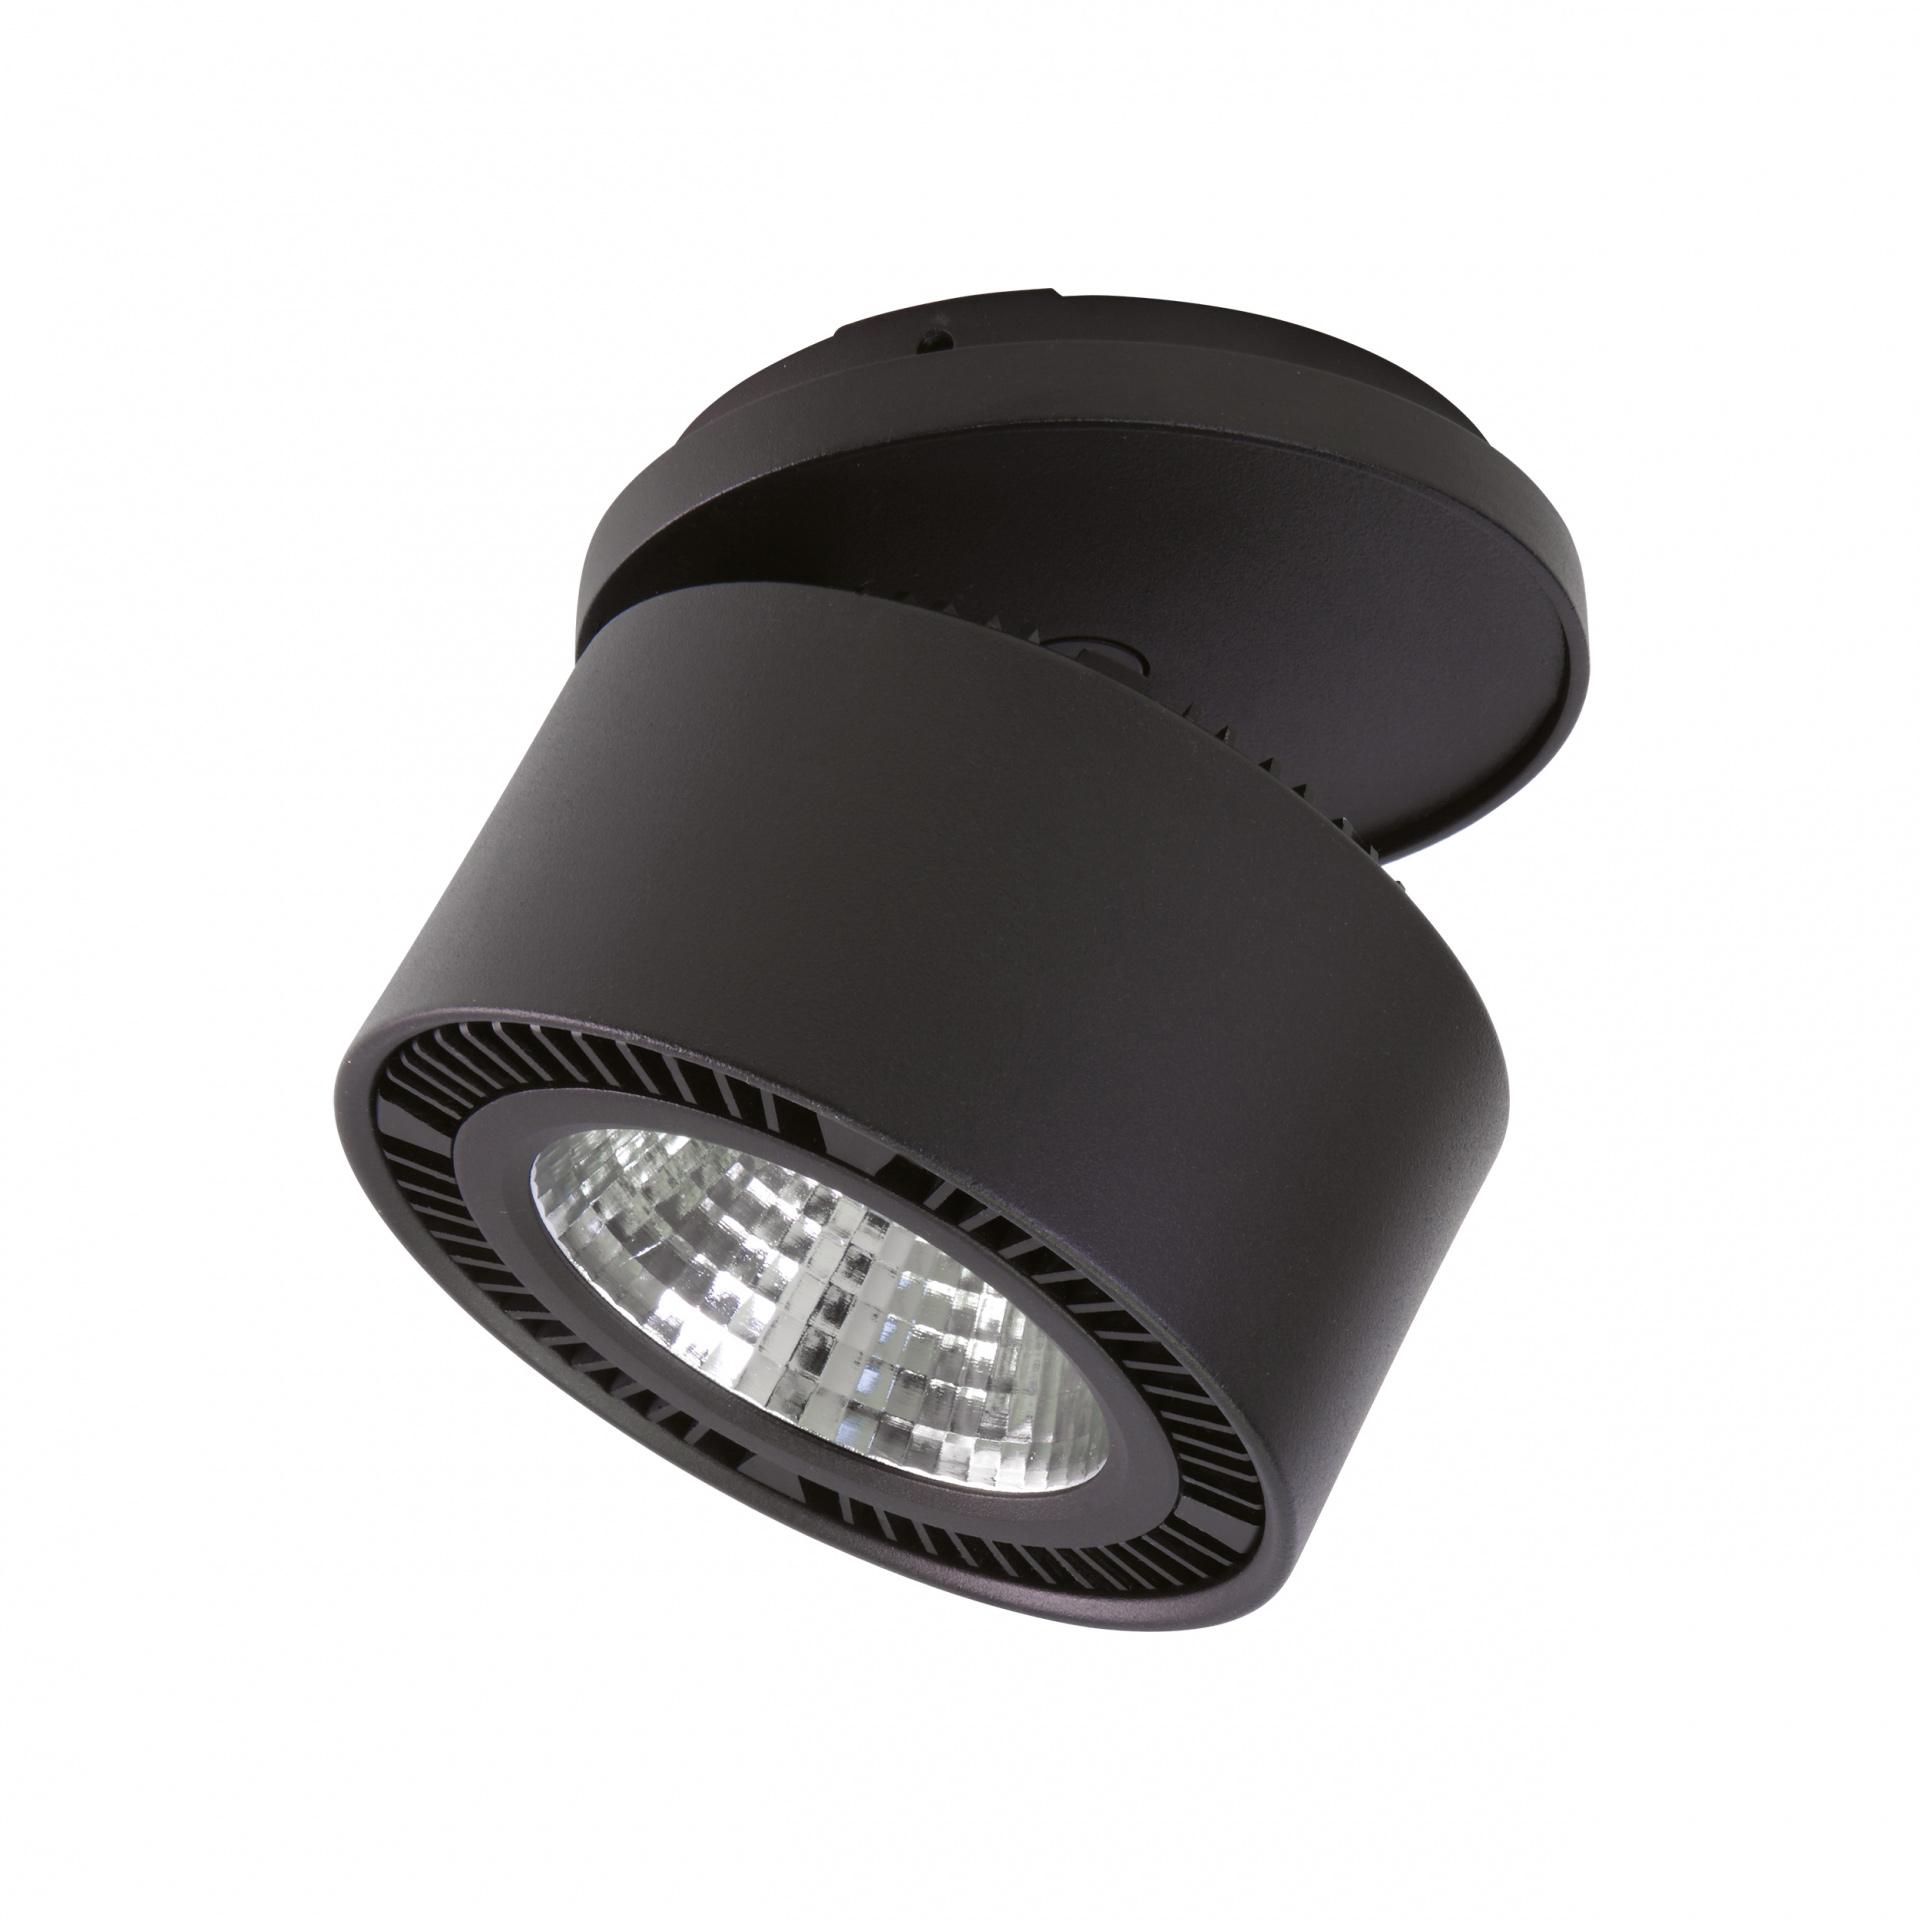 Светильник Forte inca LED 40W 3400LM 30G черный 3000K Lightstar 213847, купить в СПб, Москве, с доставкой, Санкт-Петербург, интернет-магазин люстр и светильников Starlight, фото в жизни